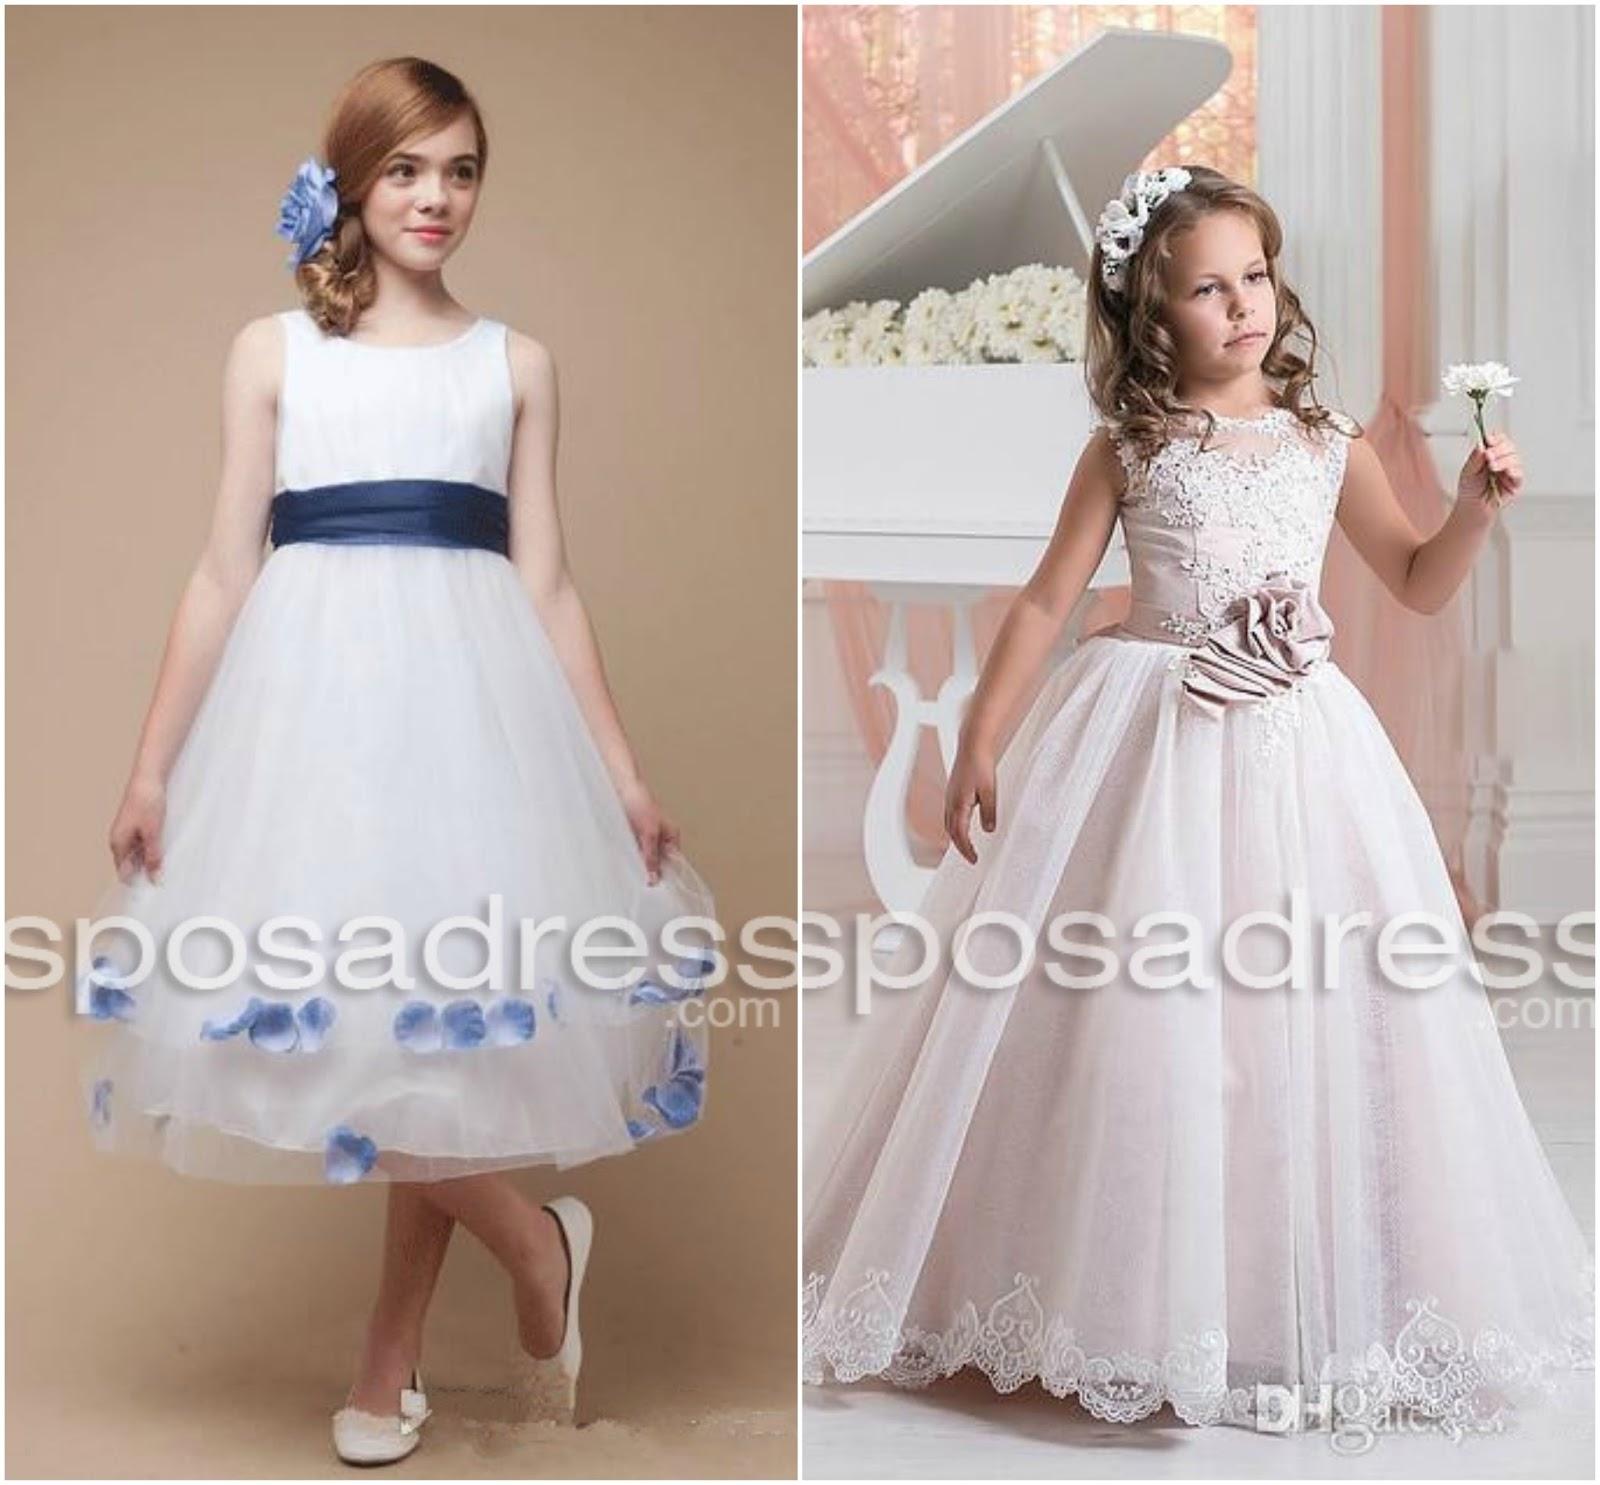 Sposadress Flower Girl Dresses Are Flawless For Your Children